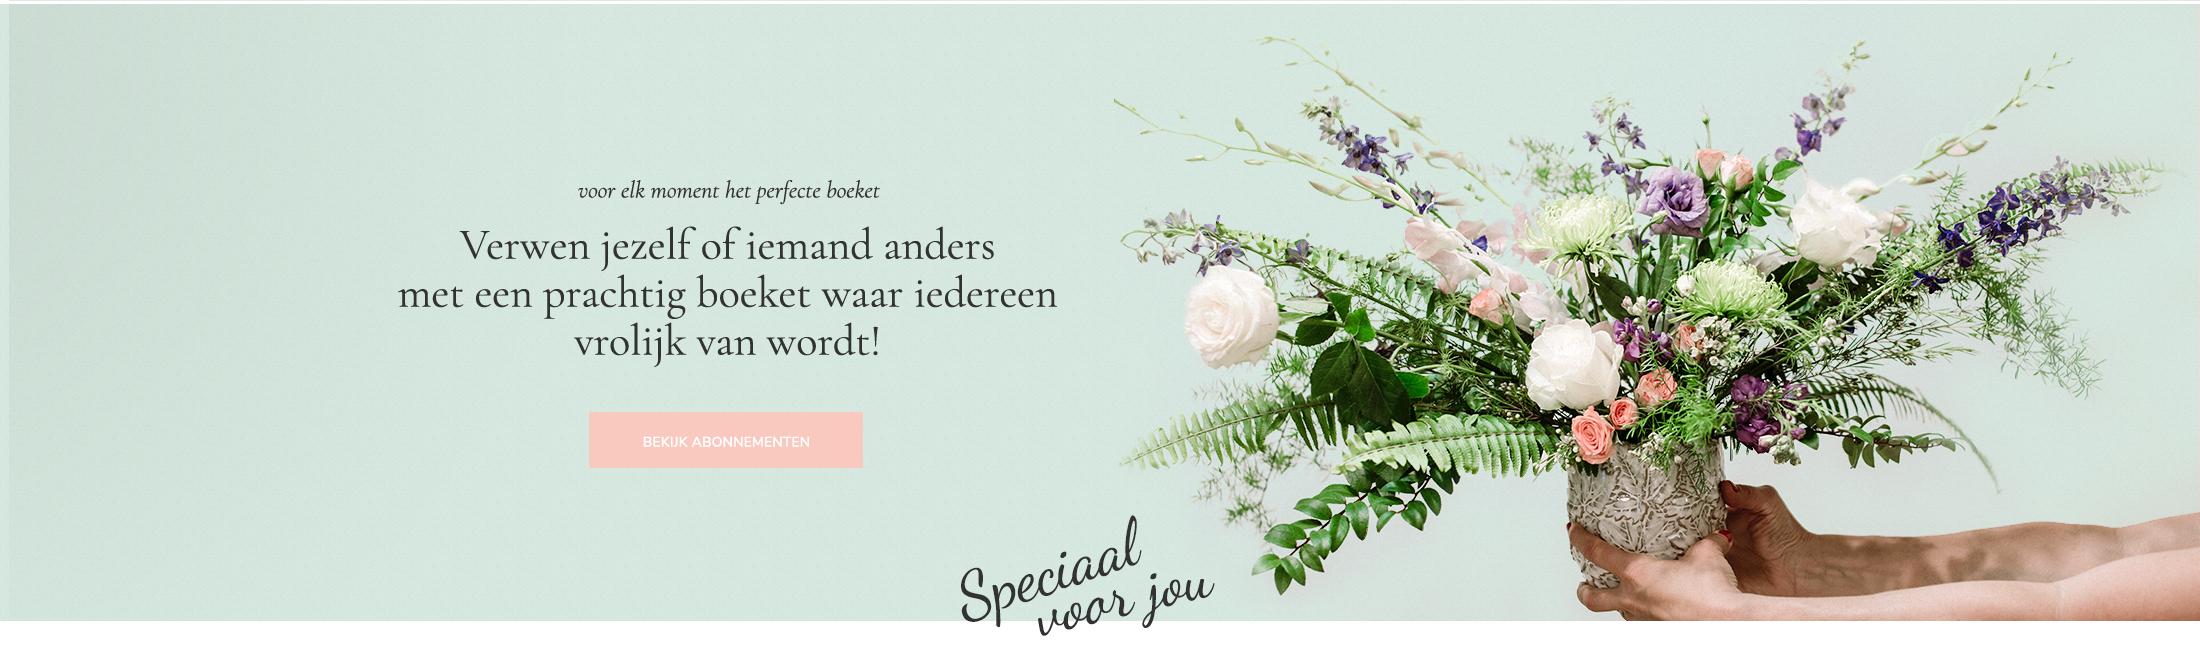 Bloemenhuis Hortensius webwinkel